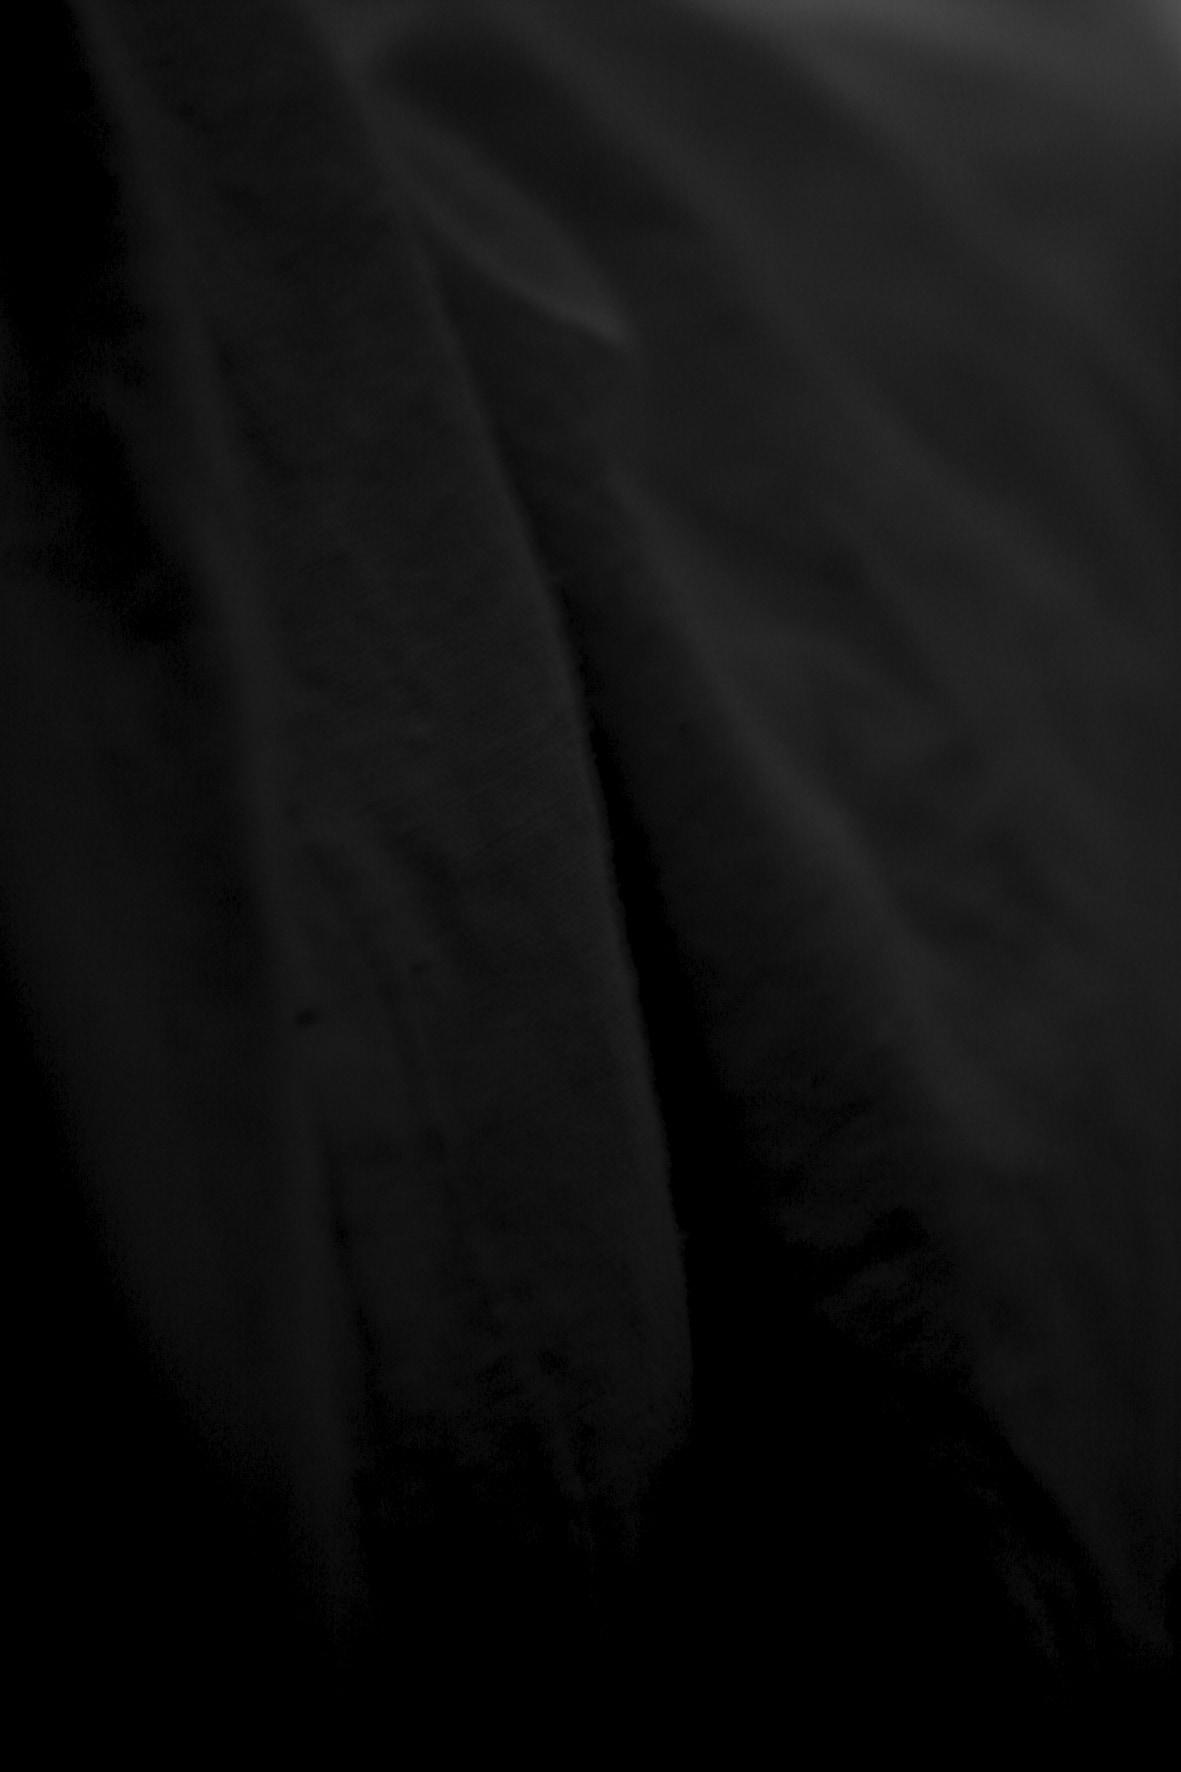 Katharina-Stiglitz-BRAVO-Proust-57